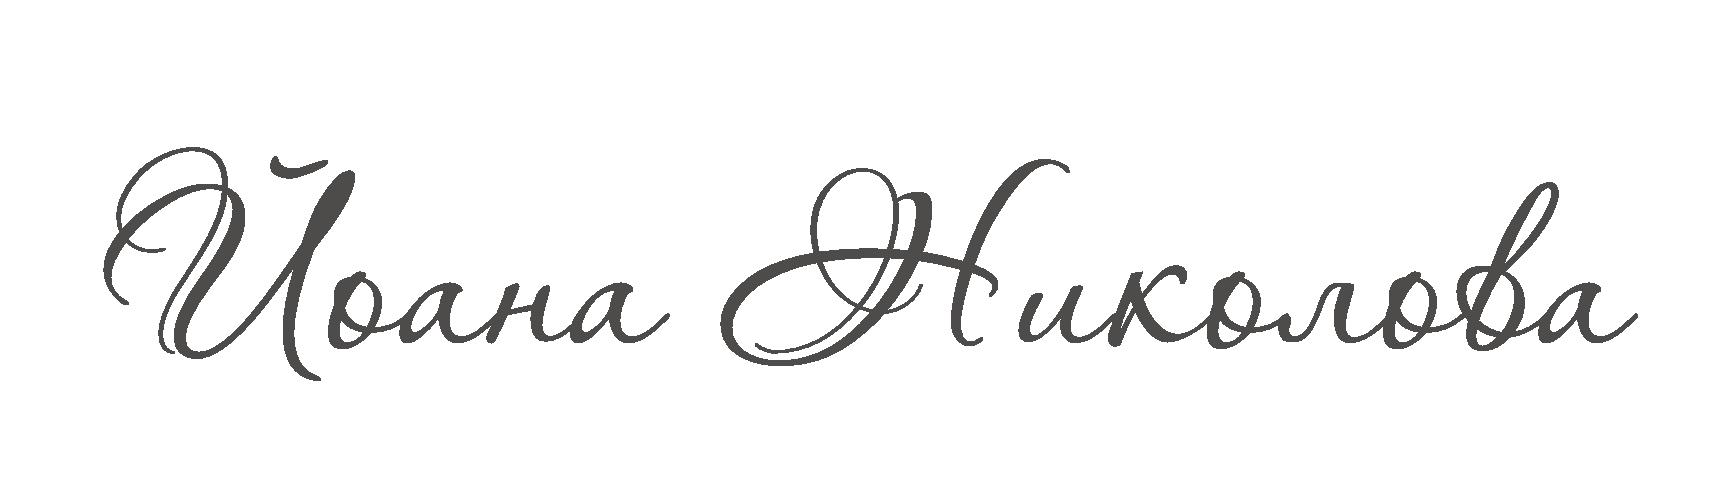 Йоана Николова - автор на Параноя и Огледален свят - лого